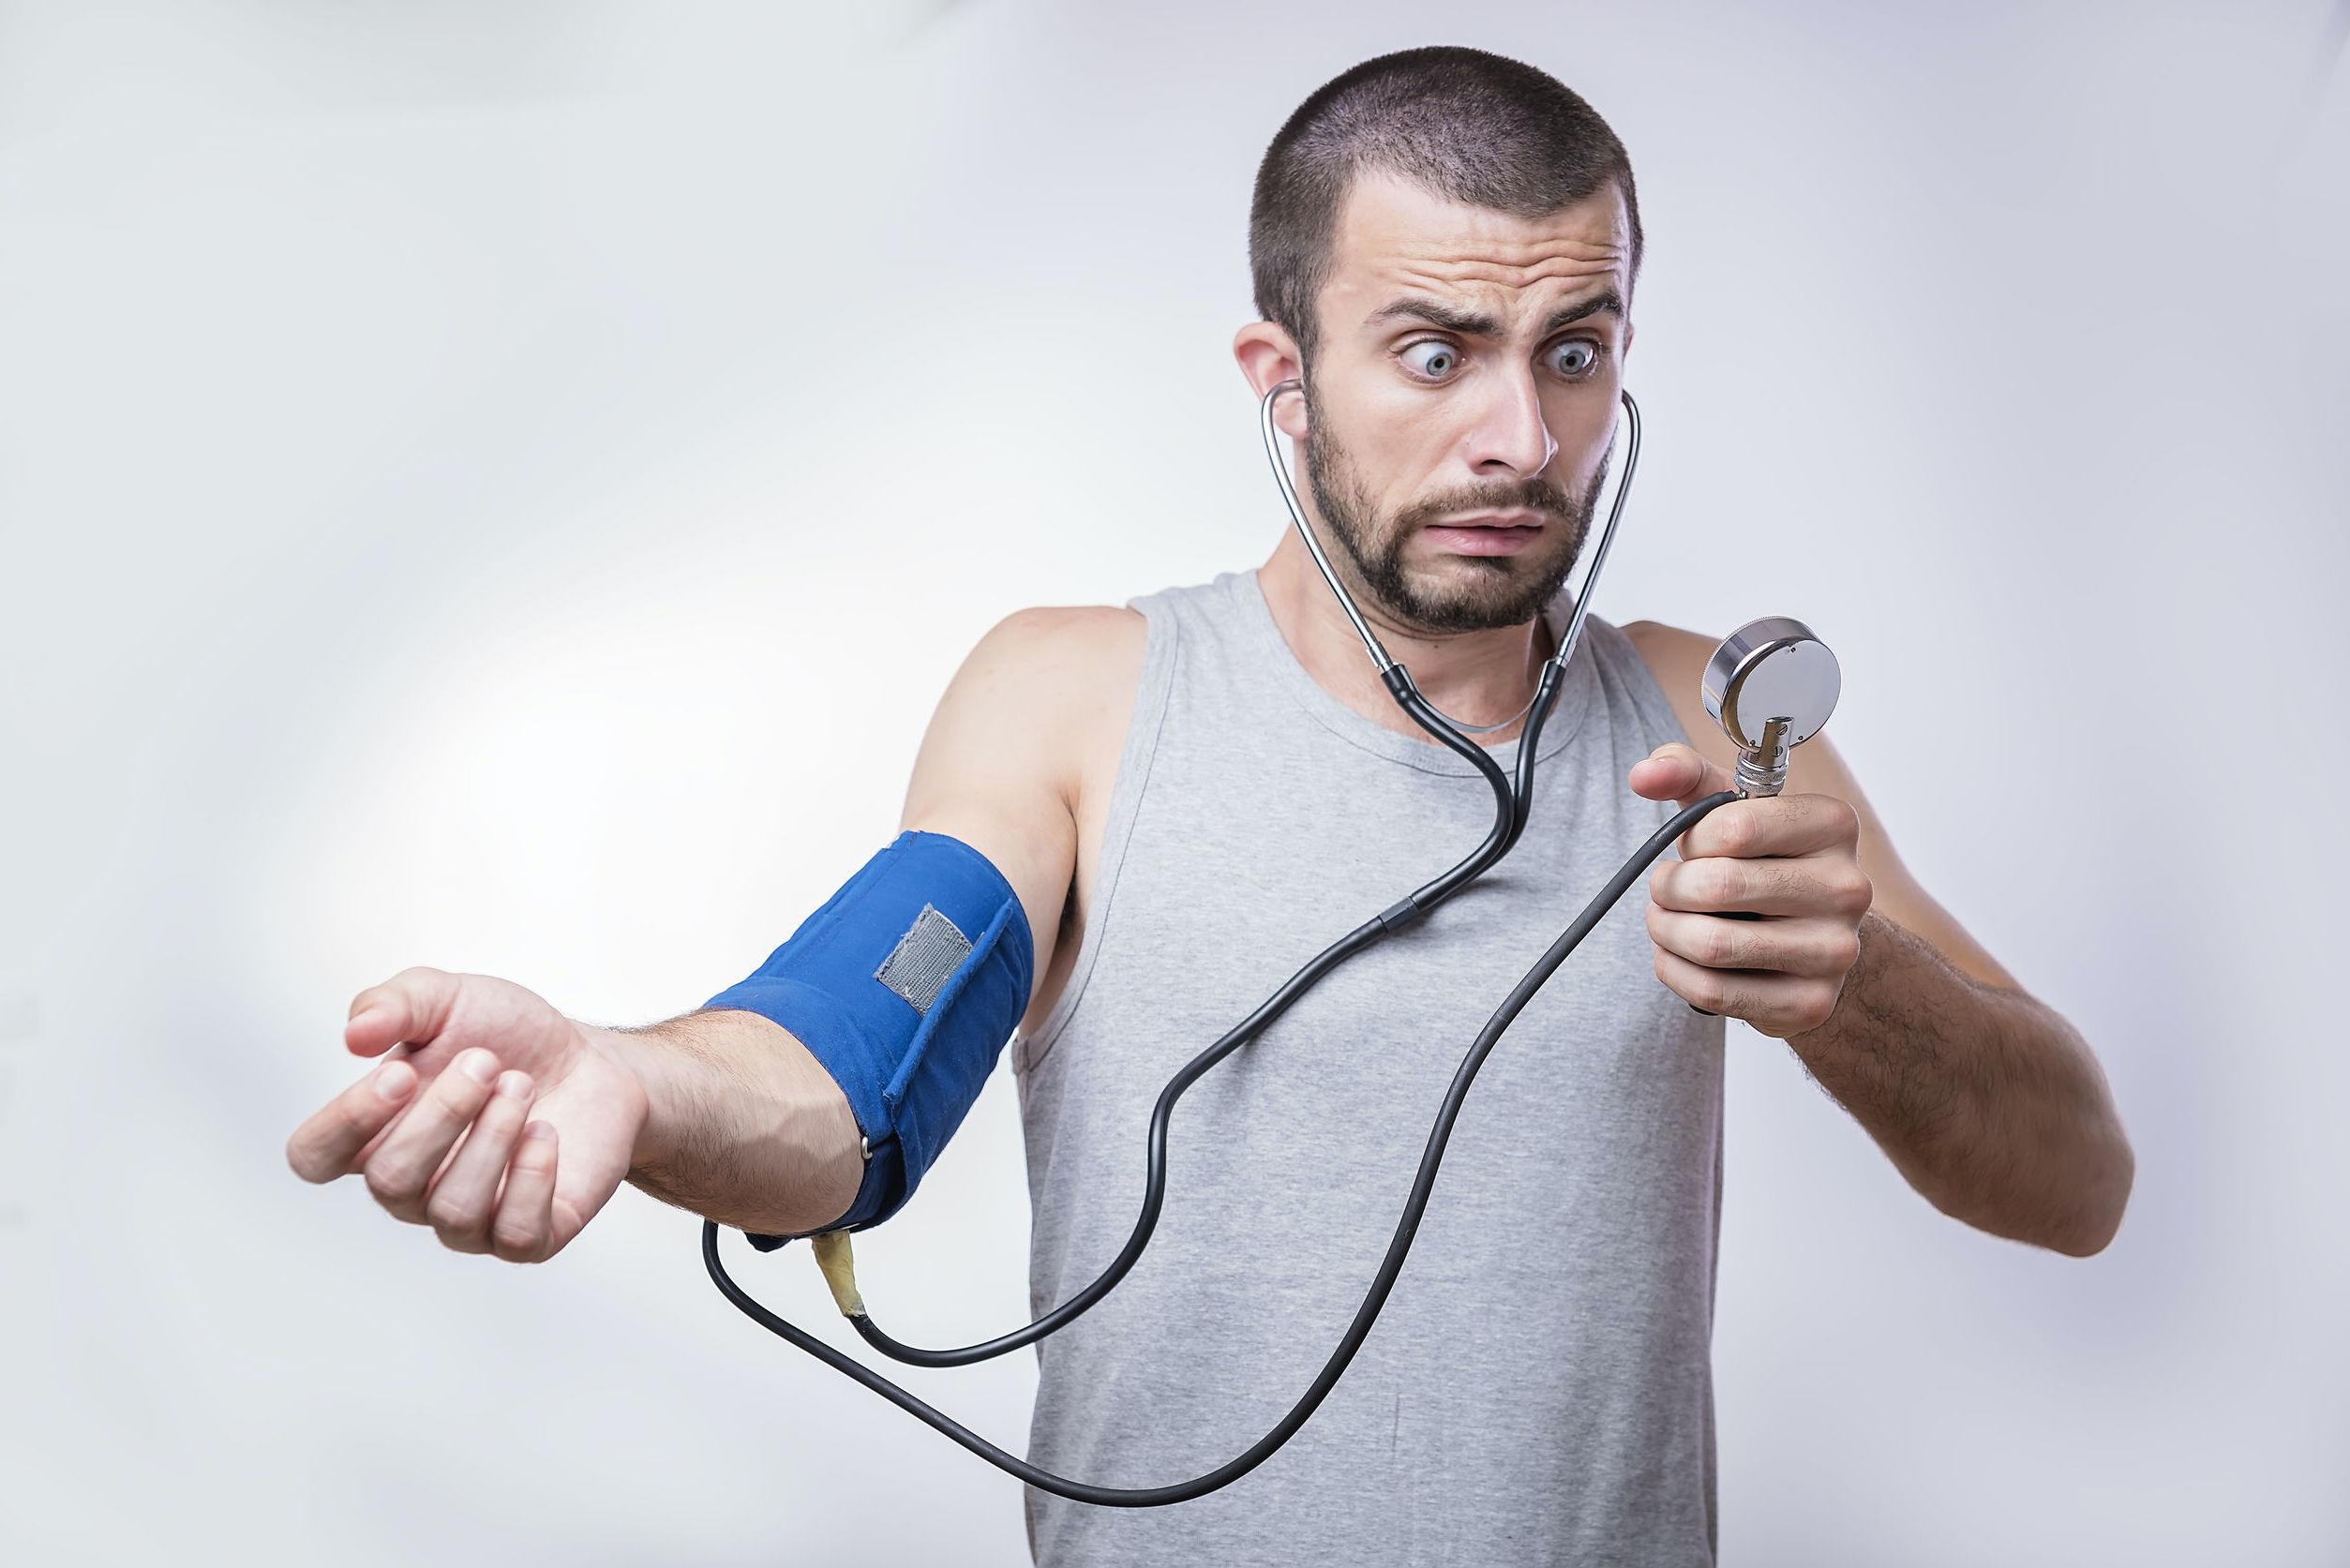 magas vérnyomás és megelőzés fortrans magas vérnyomás esetén